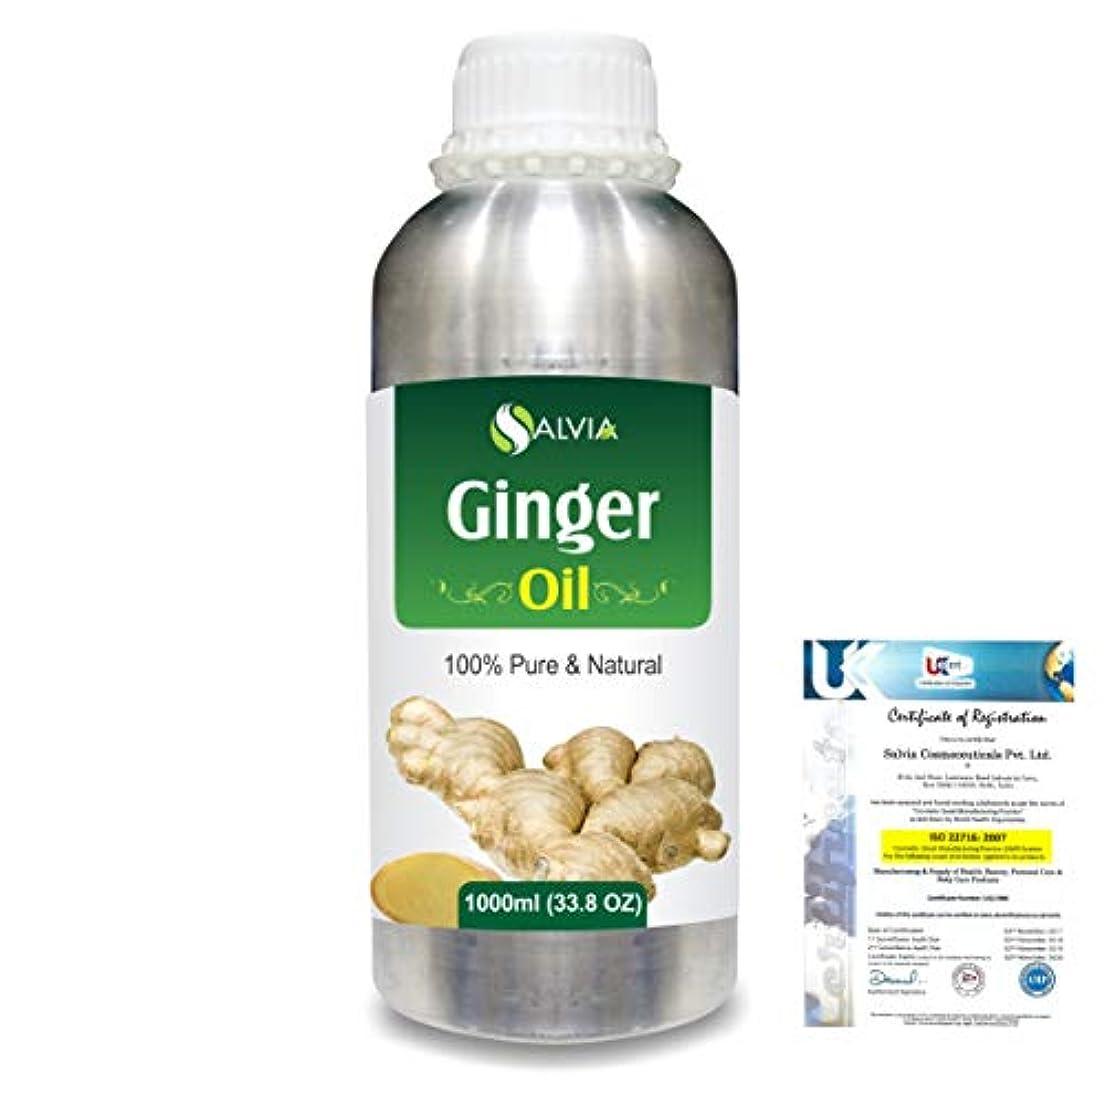 音楽を聴く知恵方向Ginger (Zingiber officinale) 100% Natural Pure Essential Oil 1000ml/33.8fl.oz.